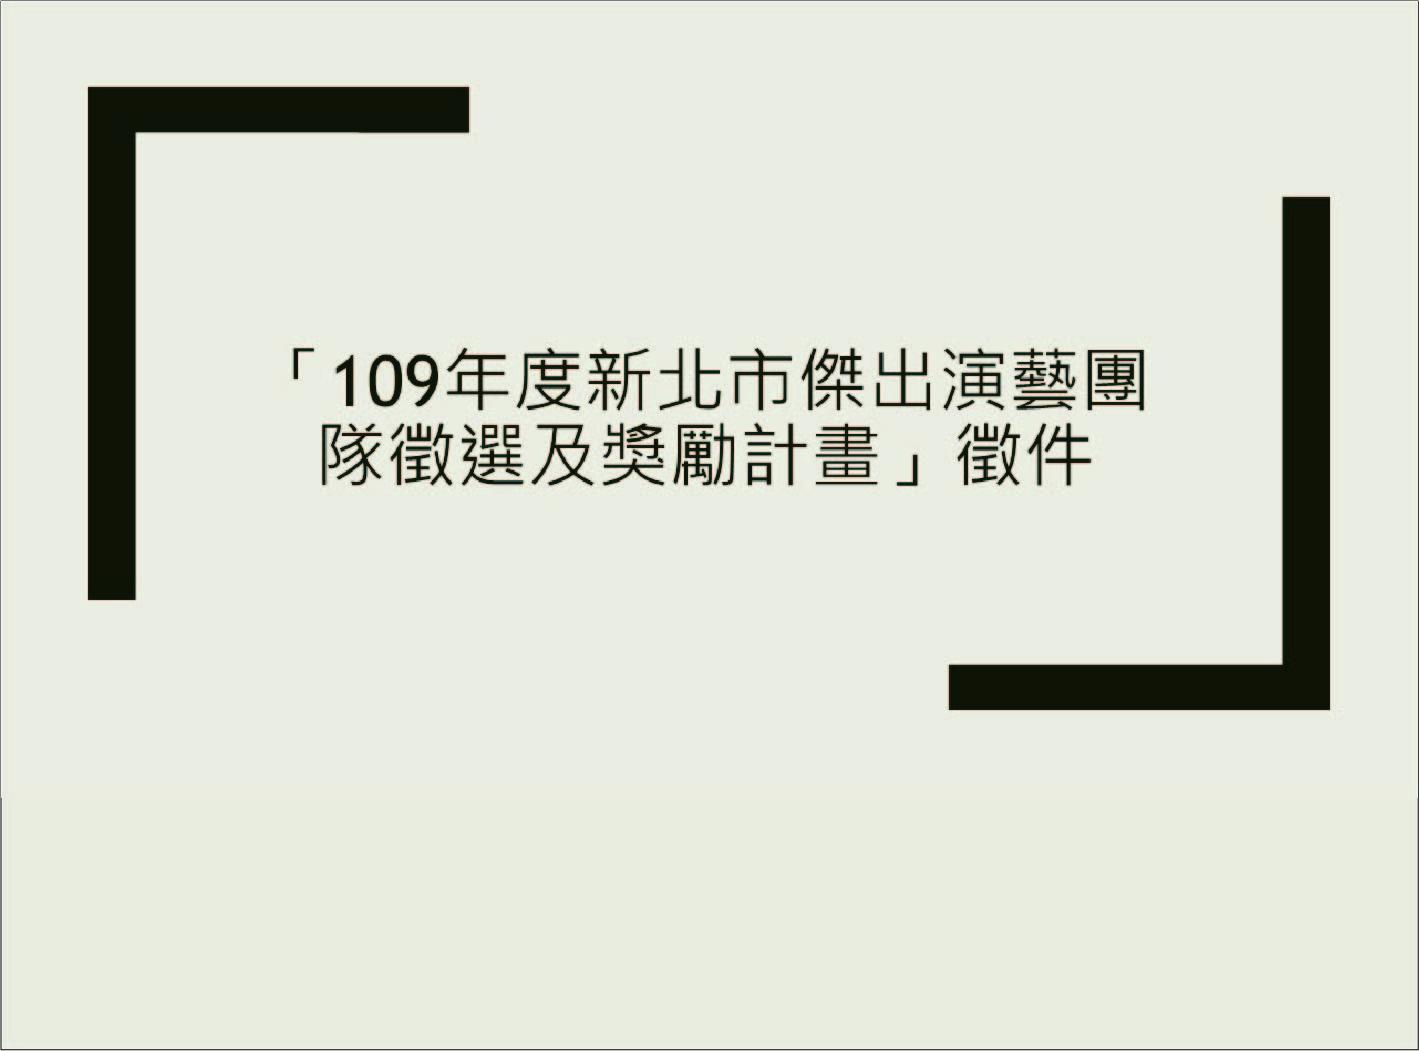 公告-109年度傑出演藝團隊